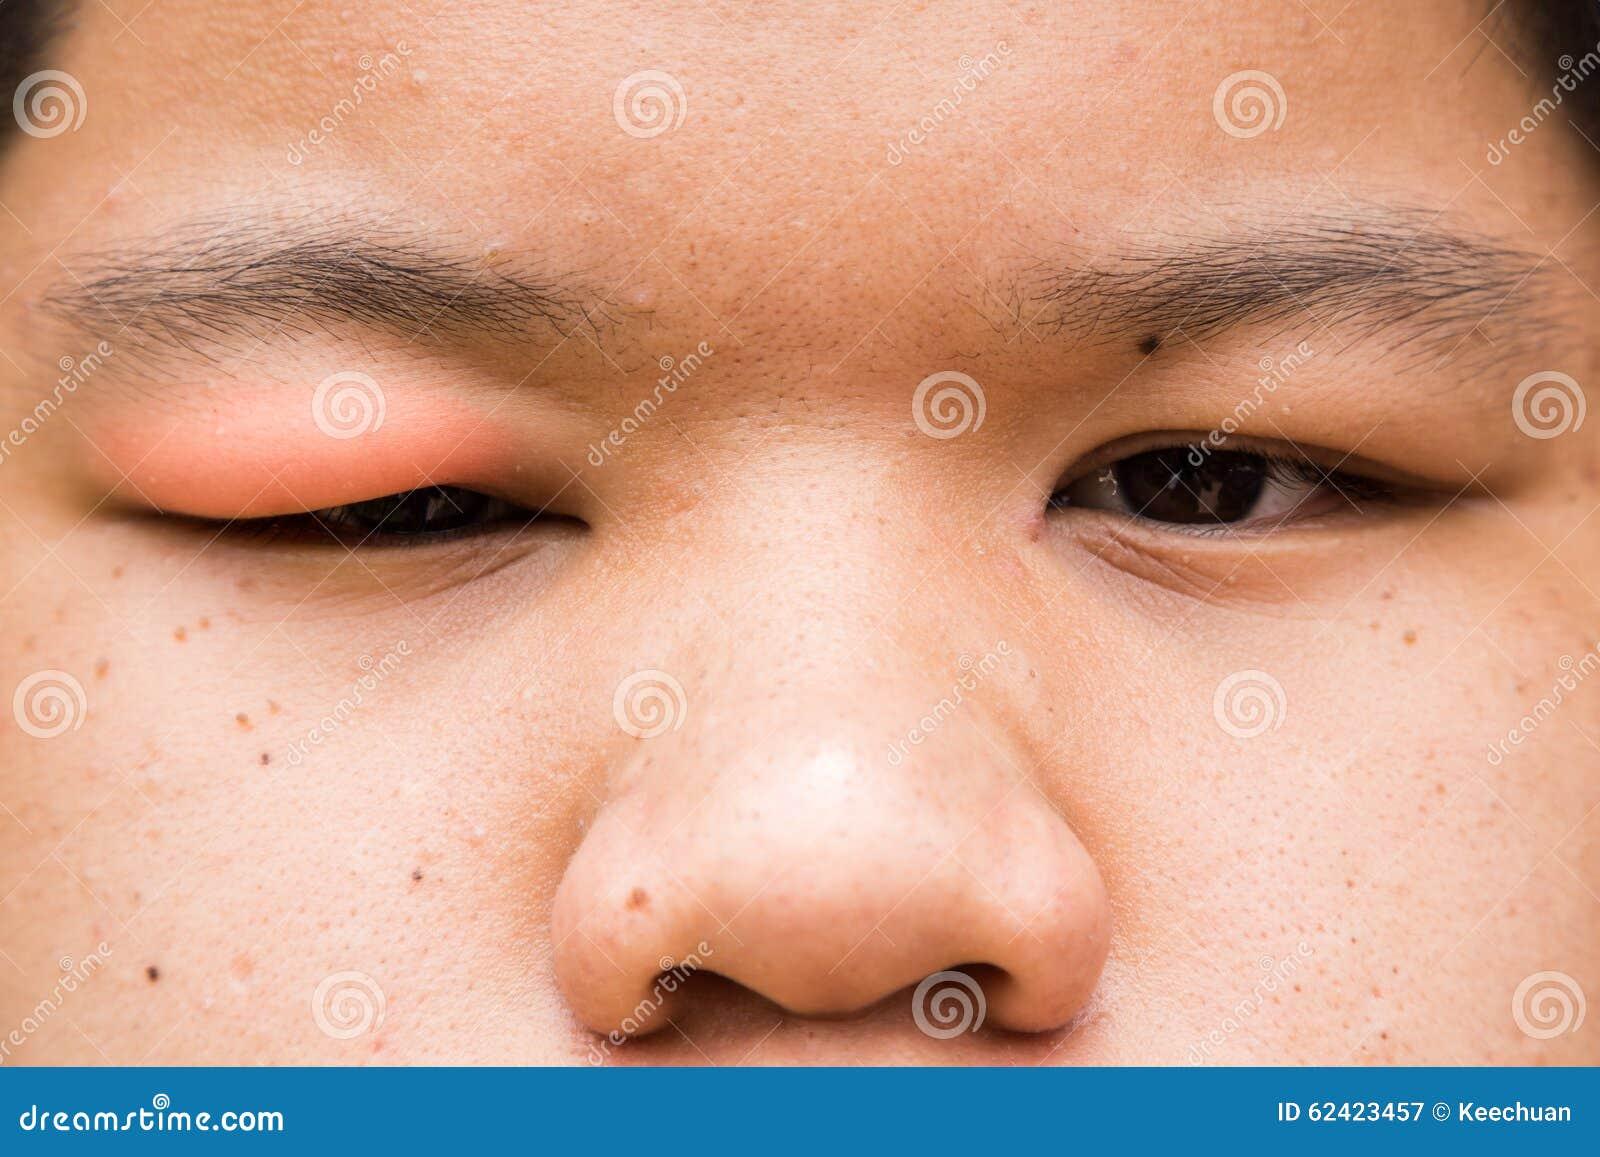 Вздутая красная верхняя крышка глаза с натиском инфекции хлева